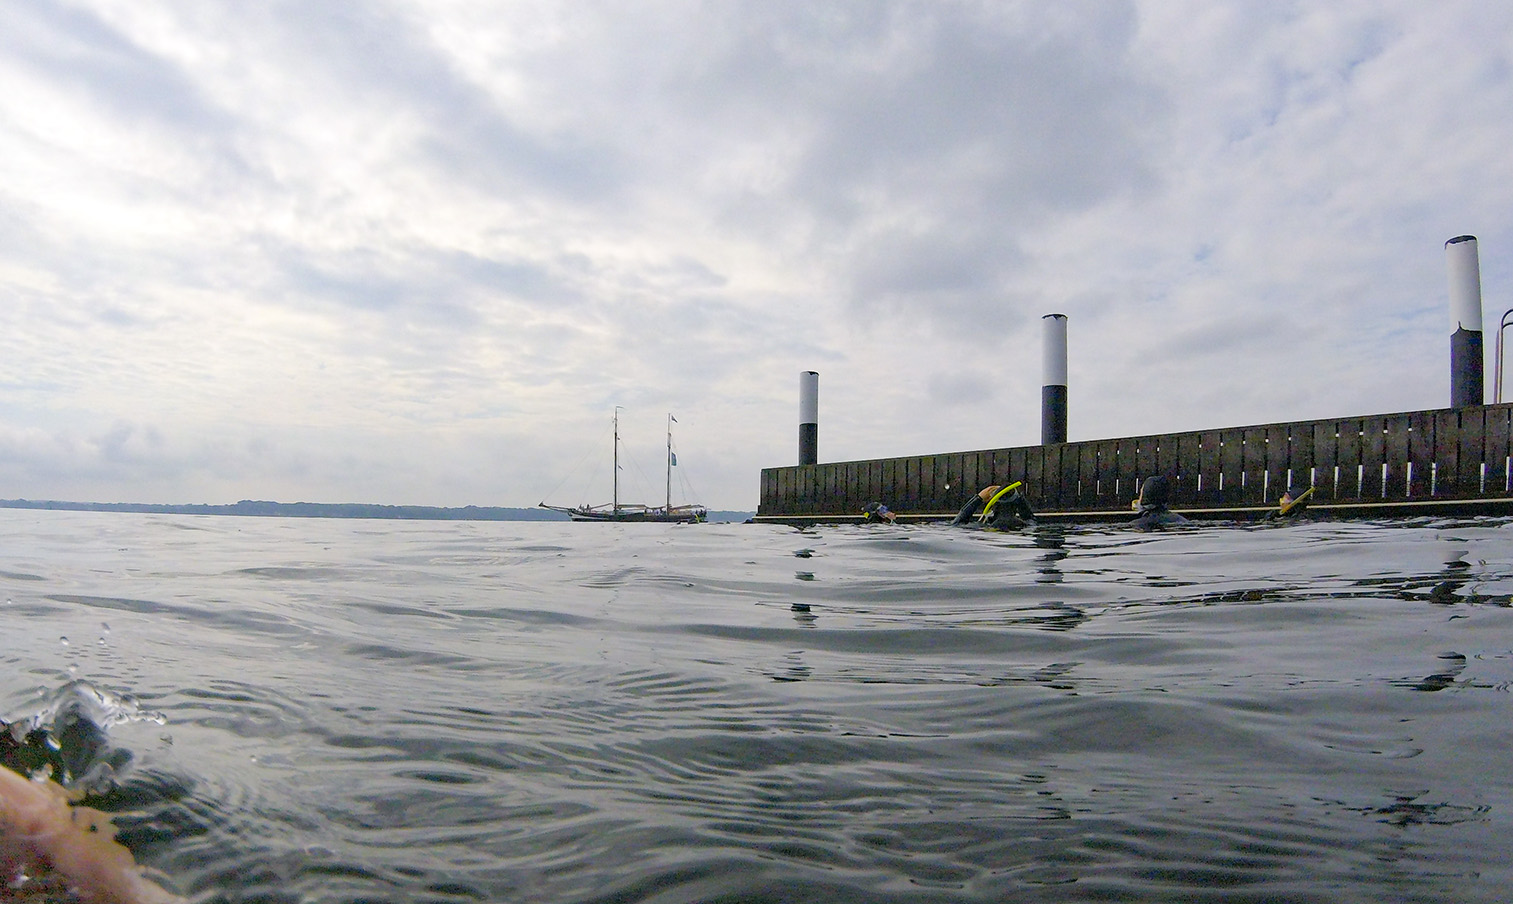 Schnorchelsafari: Die Unterwasserwelt der Ostsee erkunden